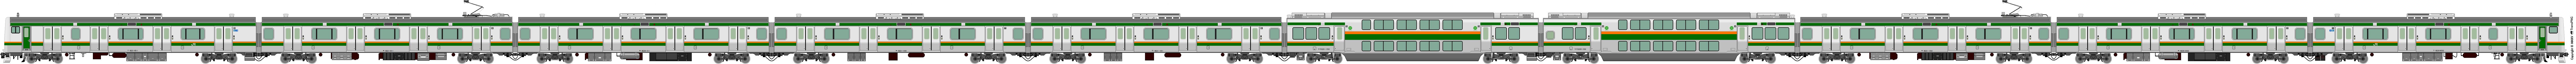 [5421] 東日本旅客鉄道 5421